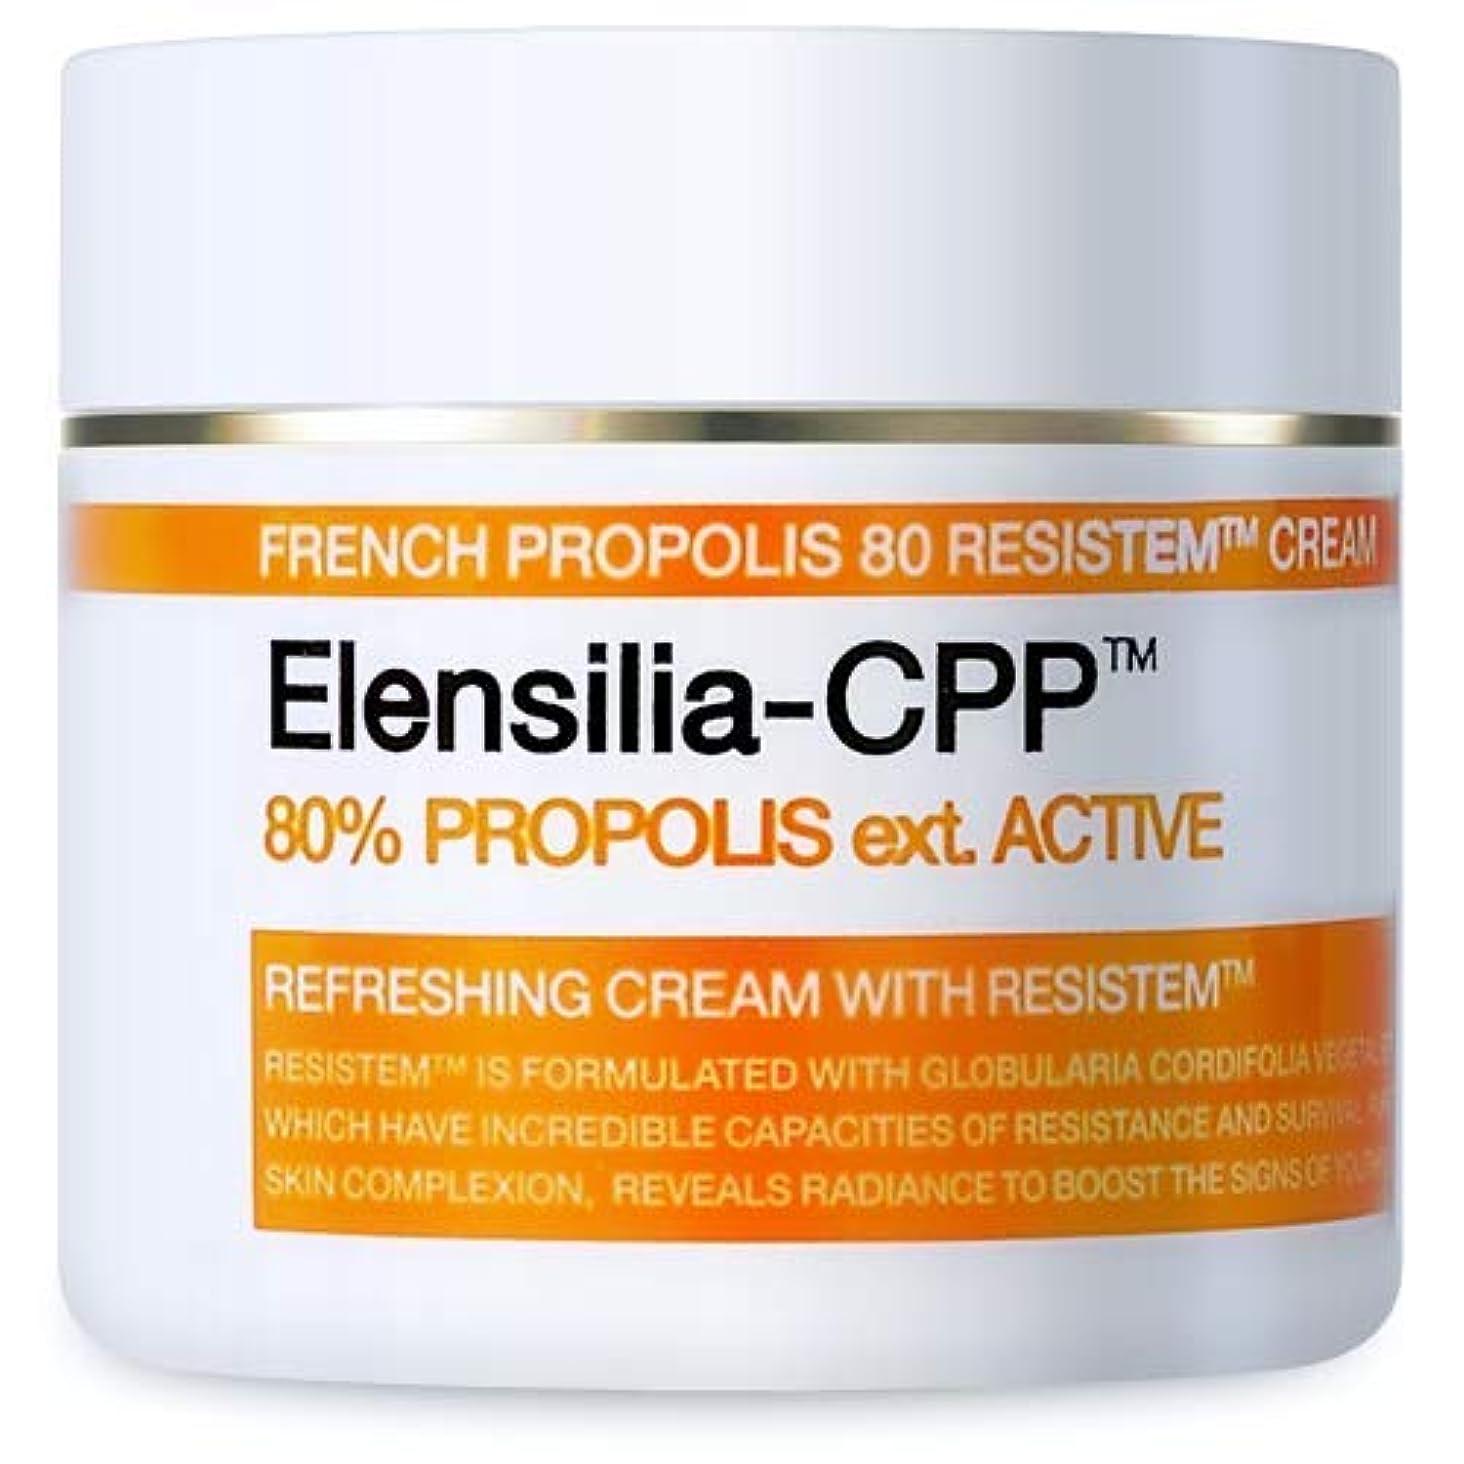 絶望的な従事したトンネルElensilia CPP フレンチ プロポリス 80 リシステム クリーム / CPP French Propolis 80 Resistem Cream (50g) [並行輸入品]